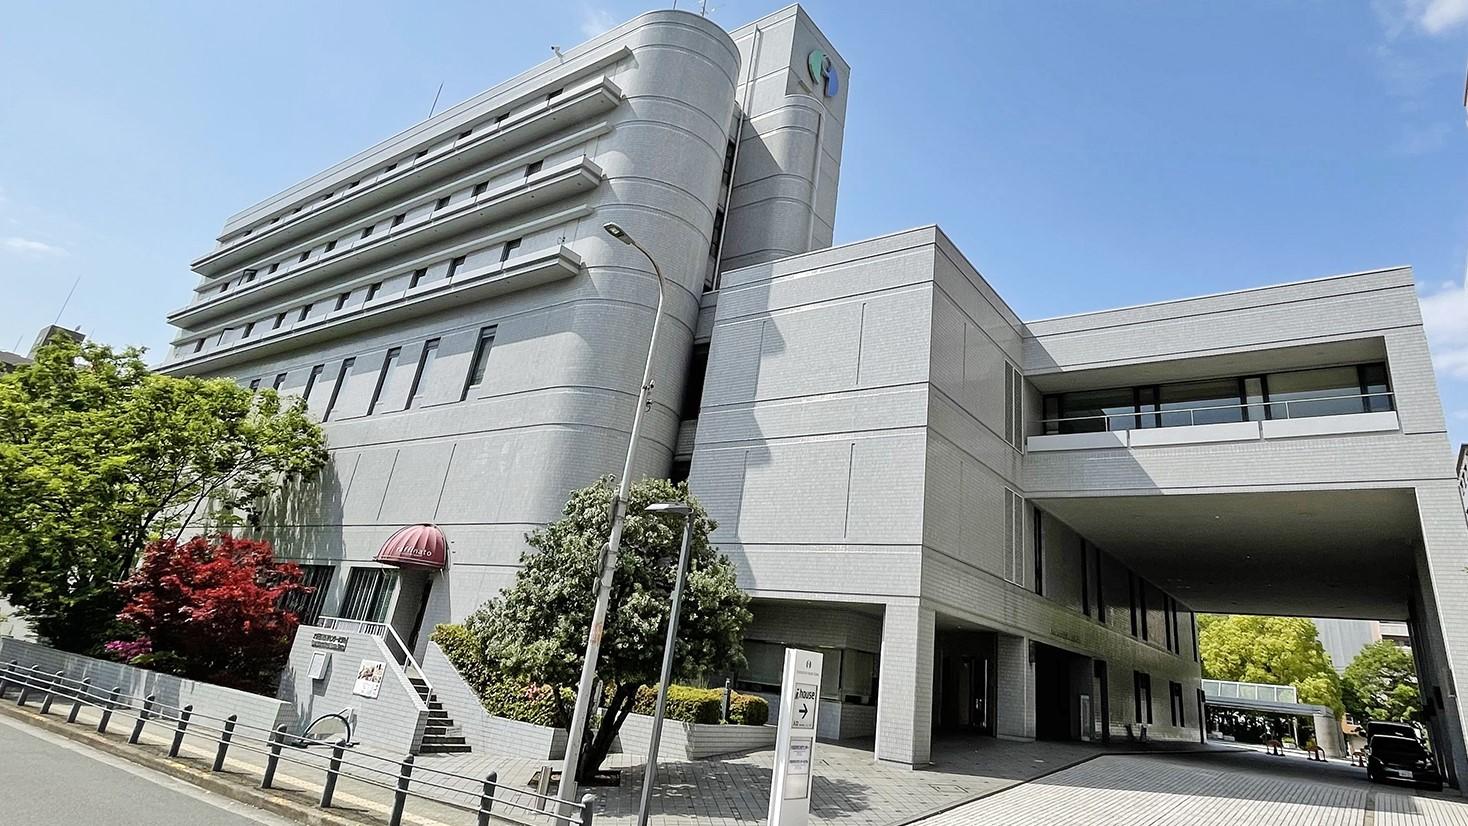 大阪 国際交流センター ホテル◆楽天トラベル